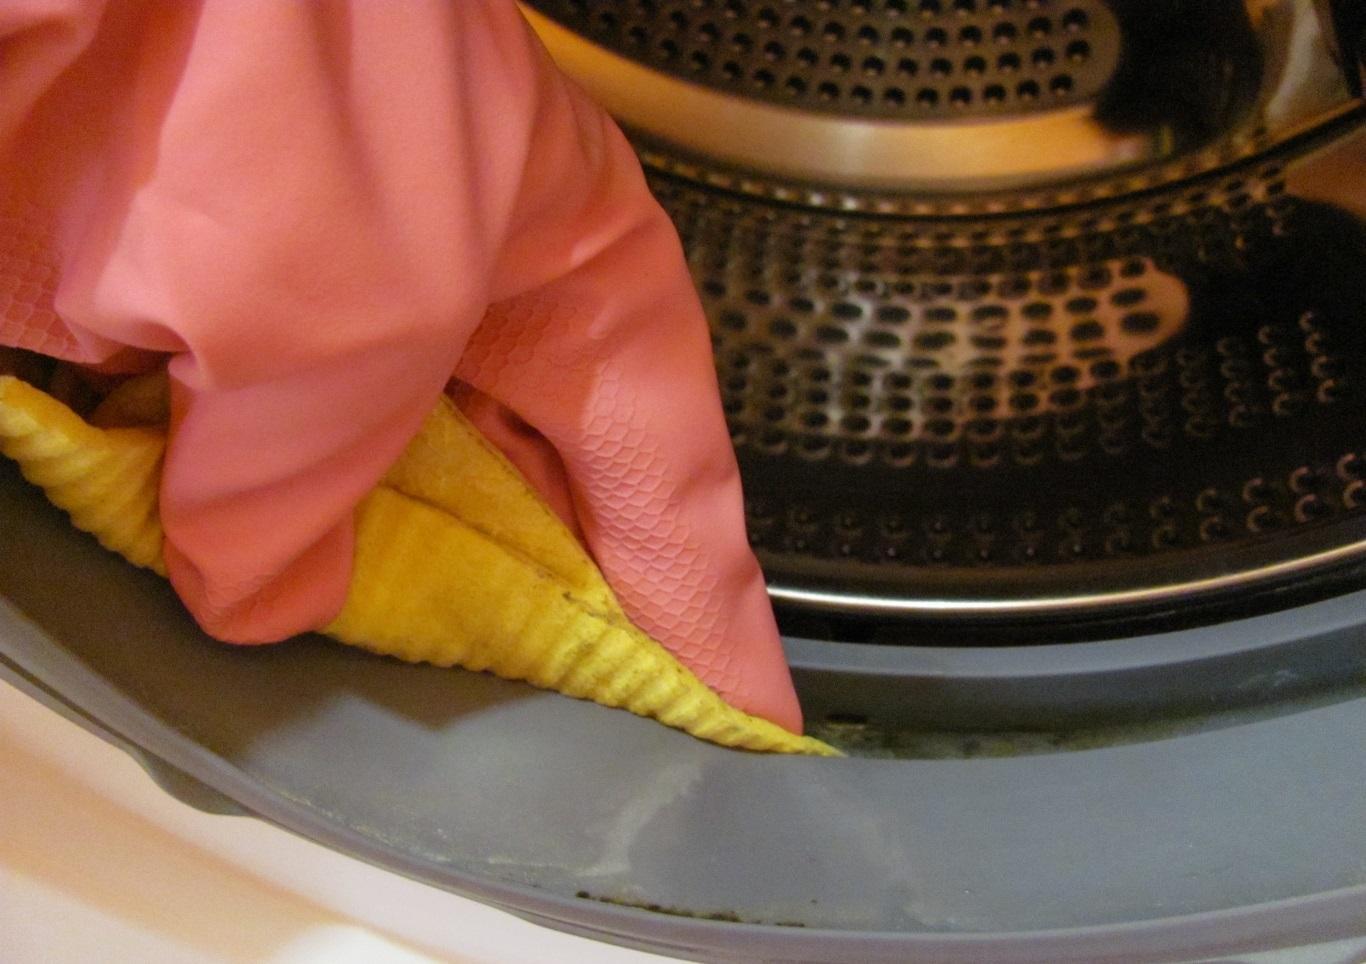 Режим очистки барабана в стиральной машине